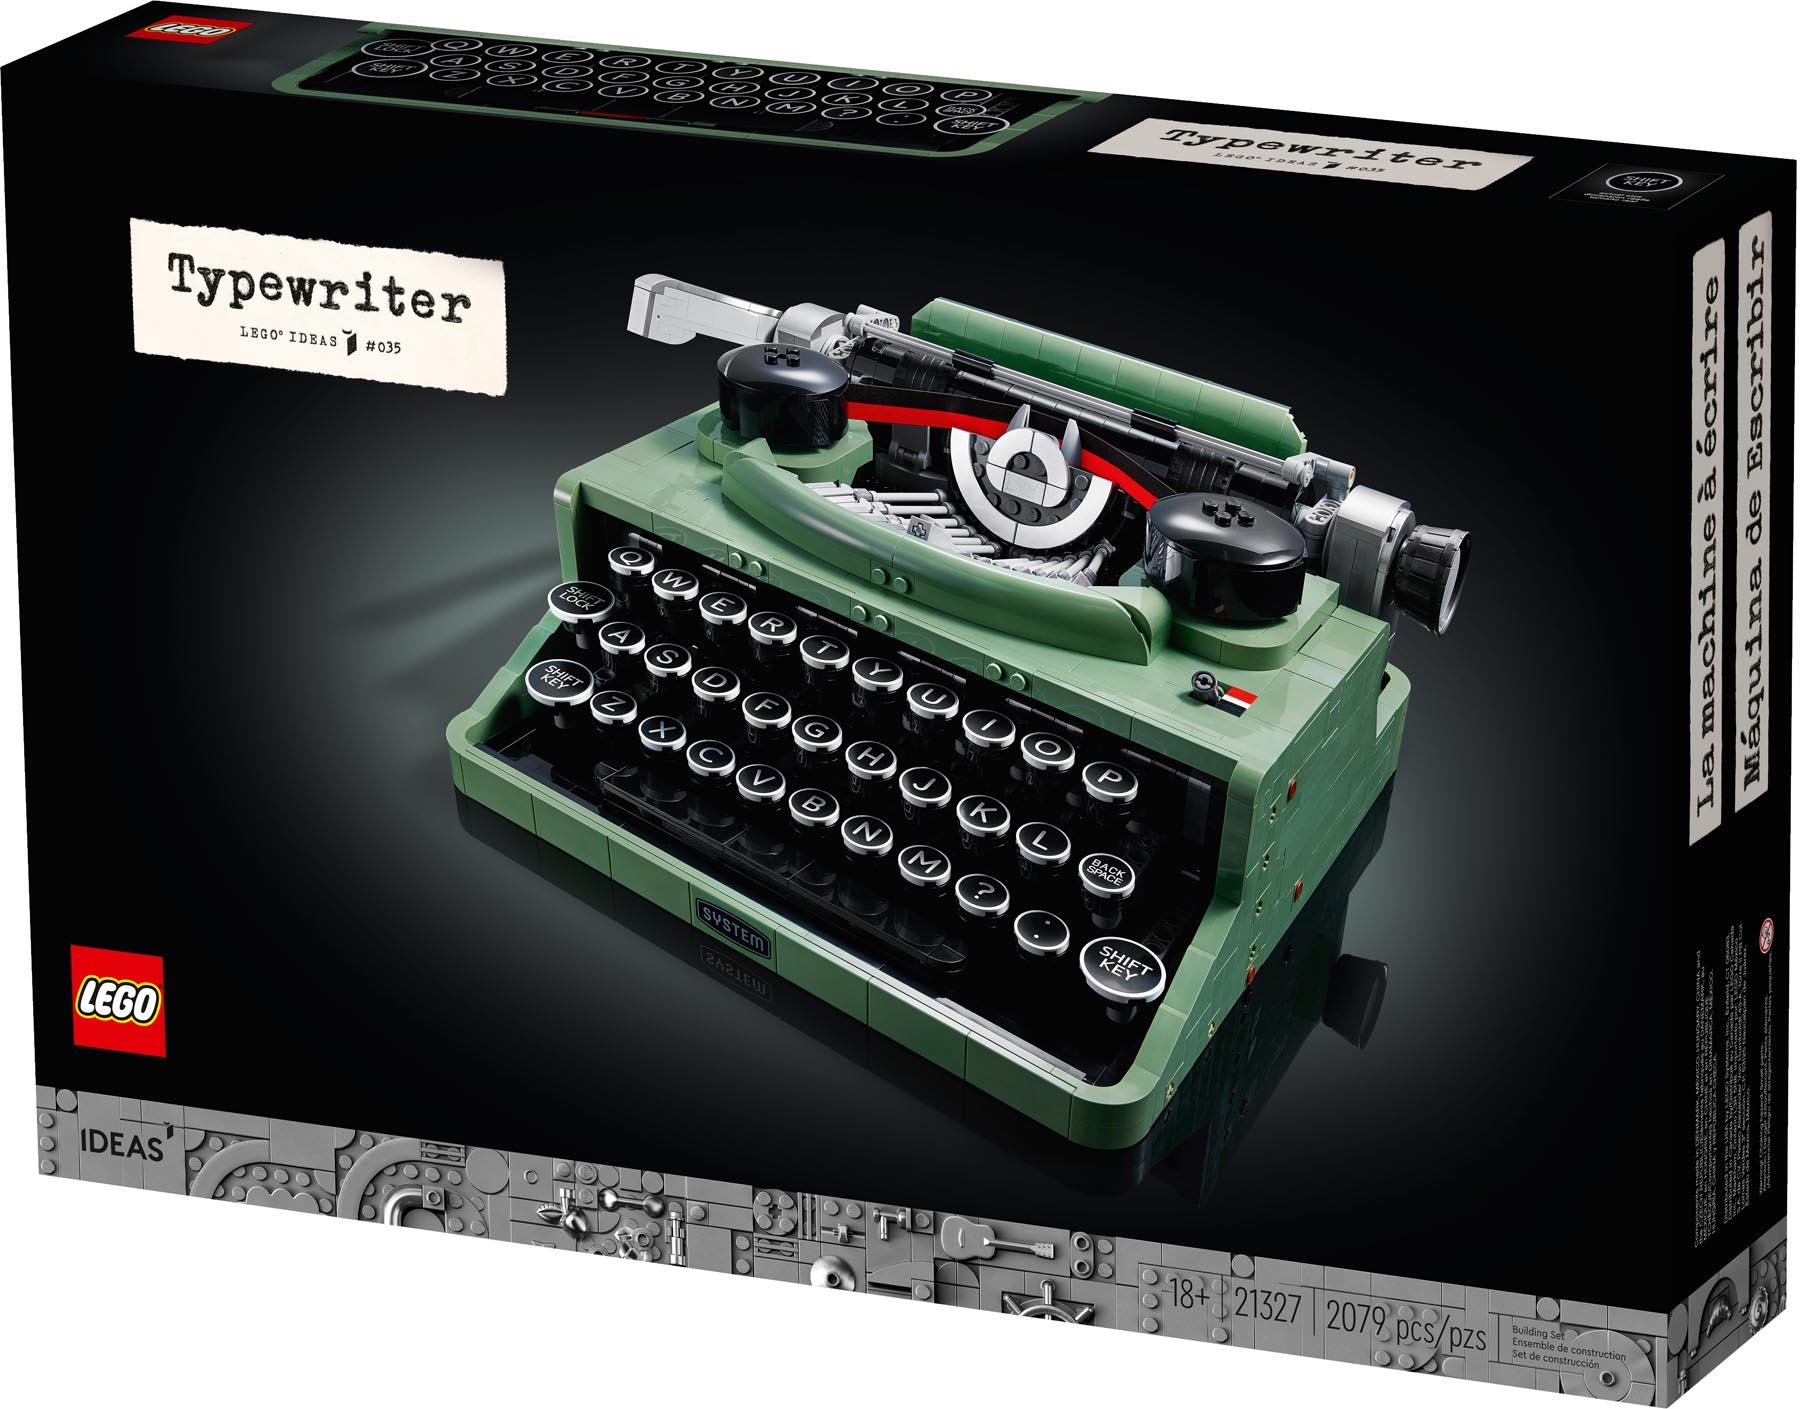 21327 LEGO Ideas Typewriter - Mô hình Máy đánh chữ